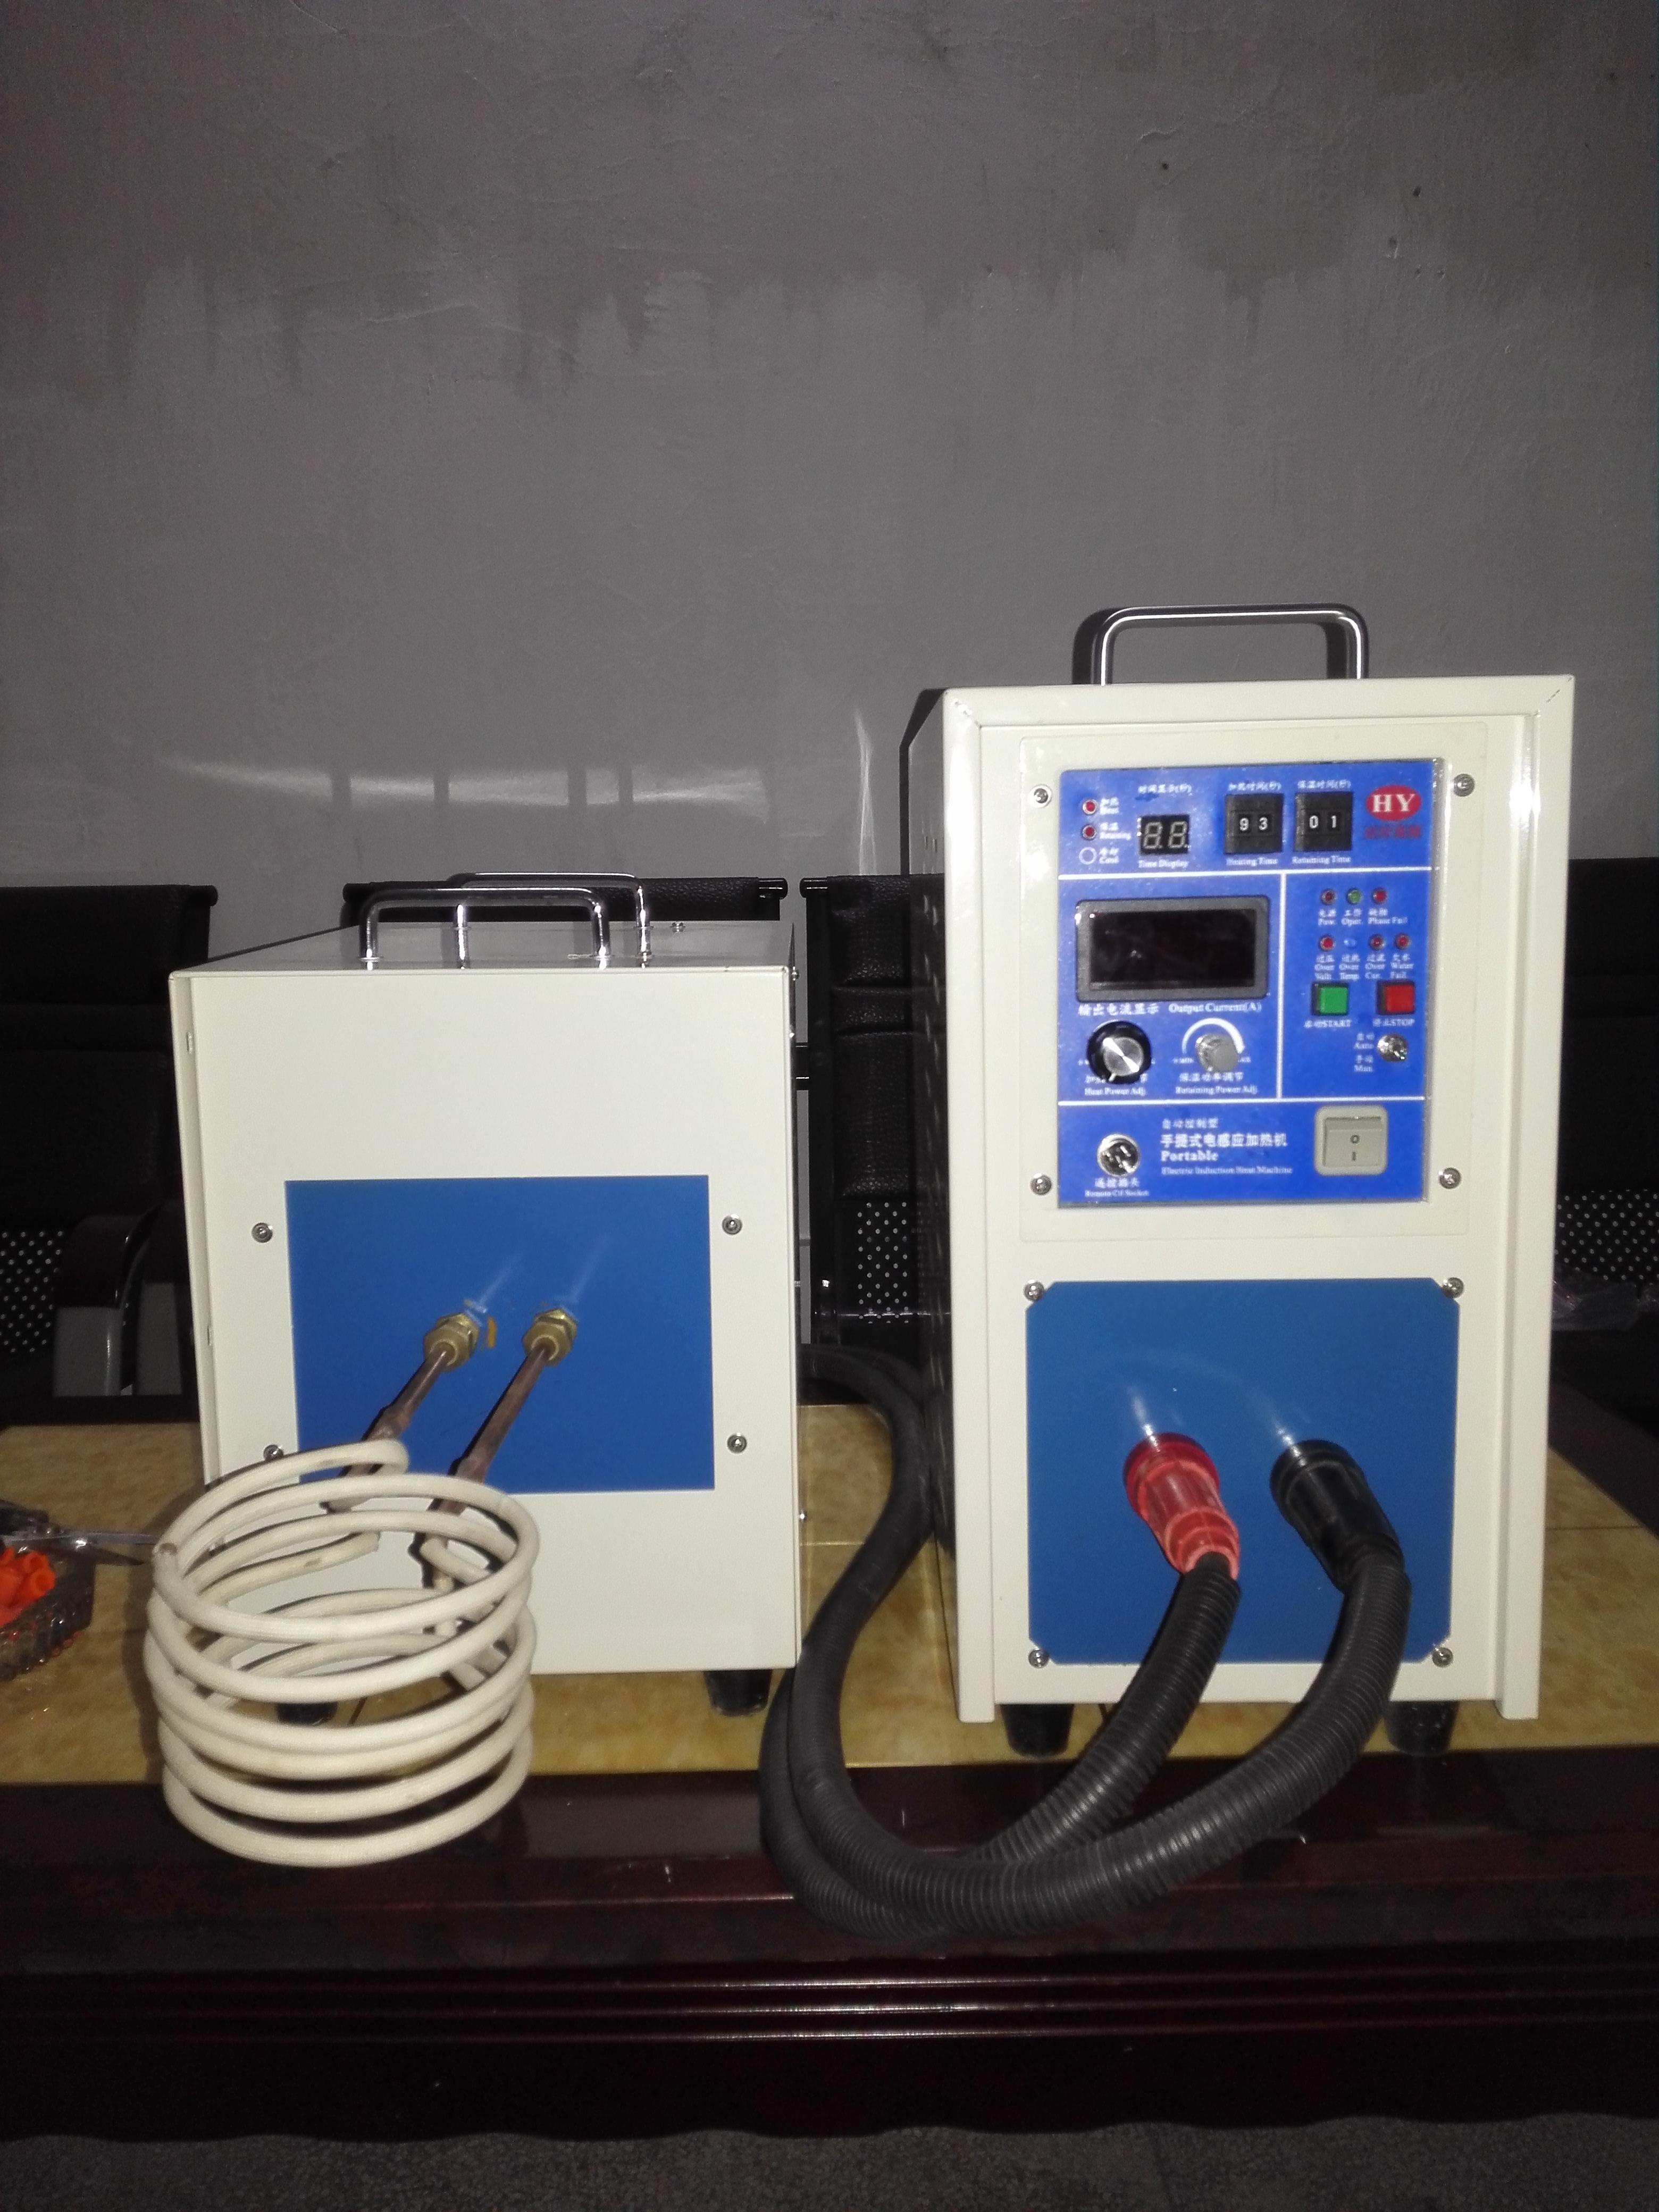 生铁壶氧化防锈热处理机 生铁茶壶氧化防锈热处理